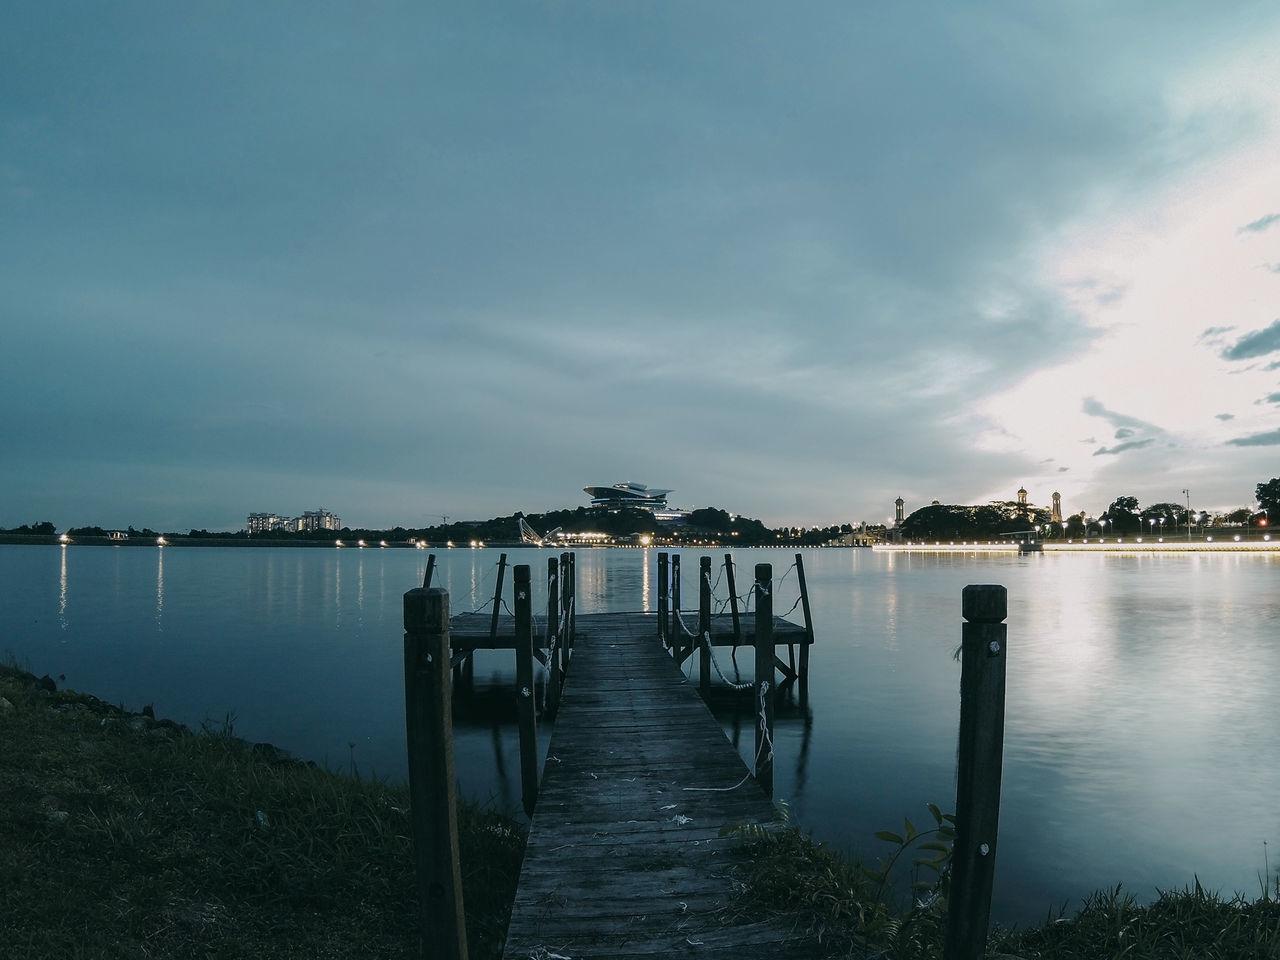 Pier On Lake Against Sky At Dusk